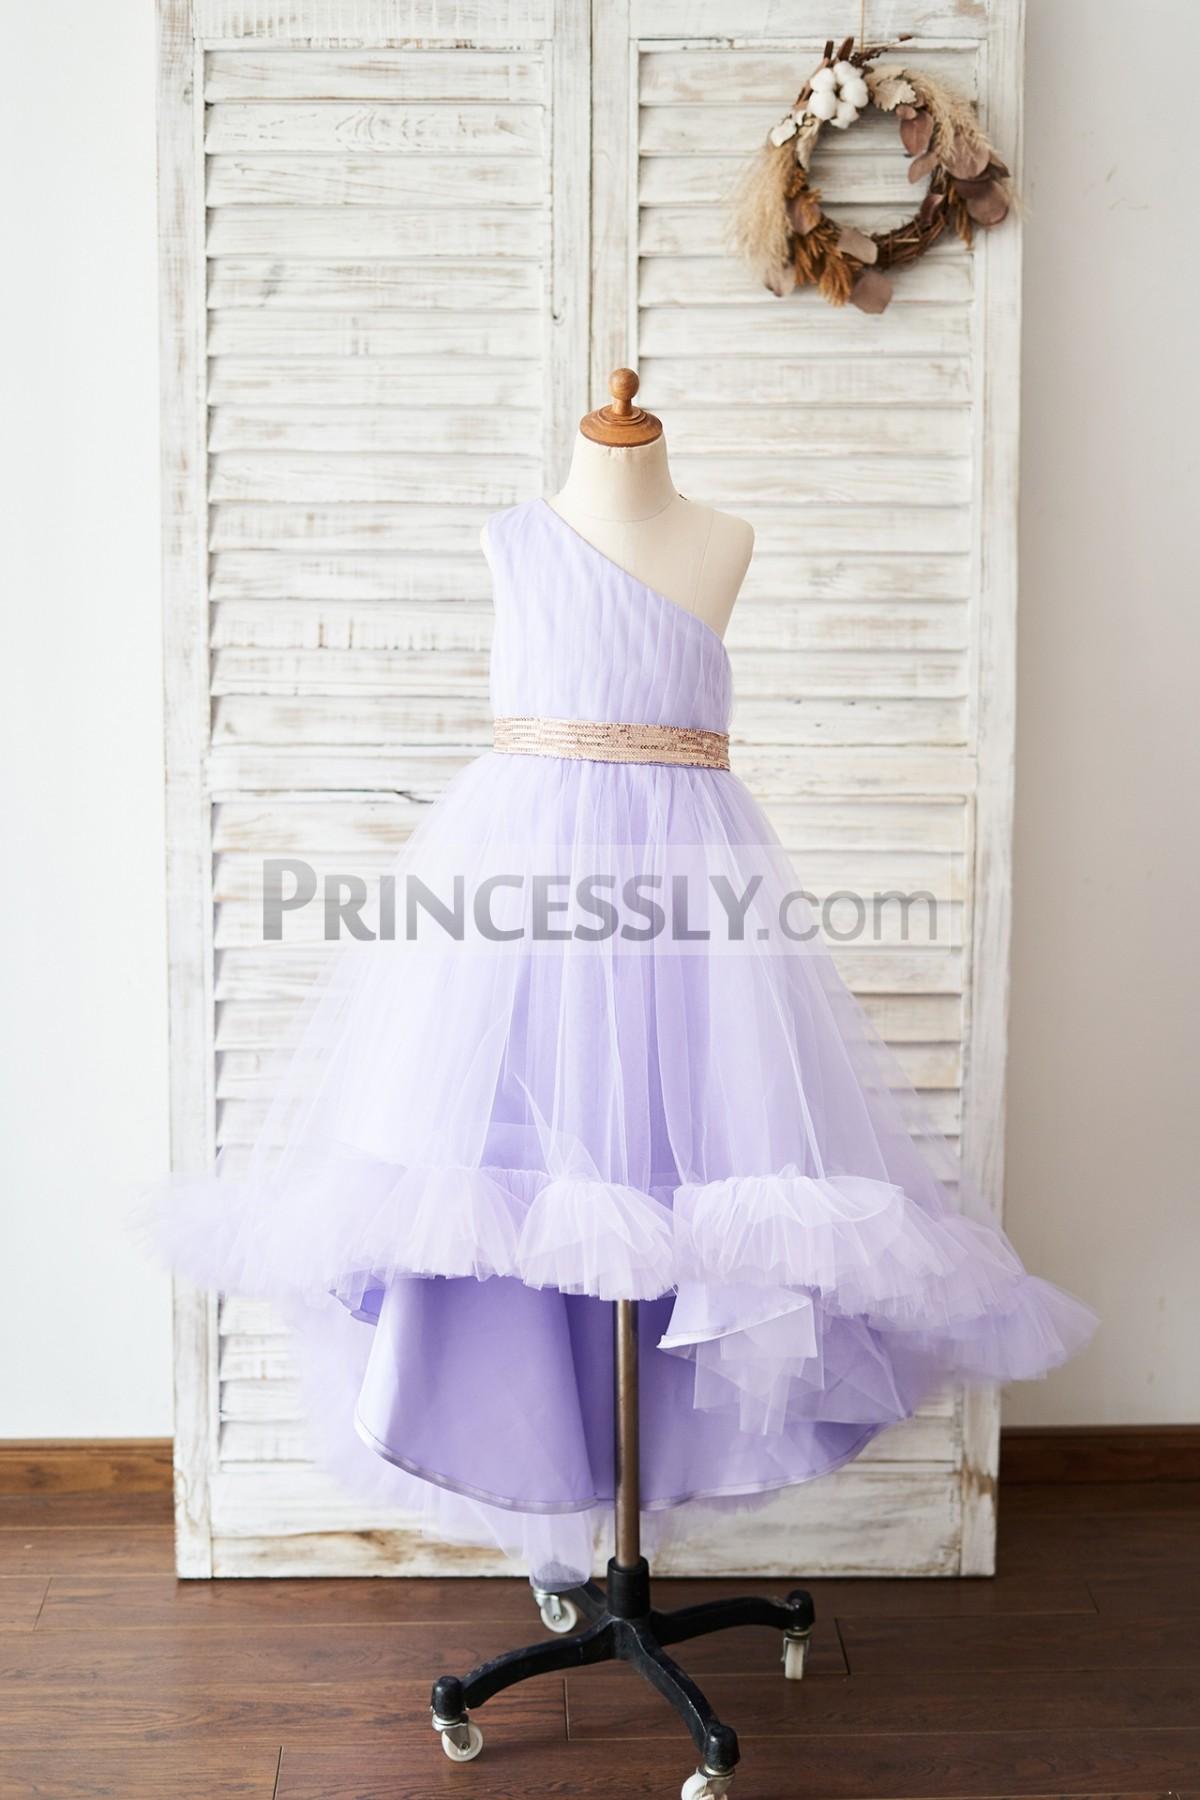 Princessly.com-K1004042-One Shoulder Hi-Low Lavender Tulle Wedding Flower Girl Dress-31